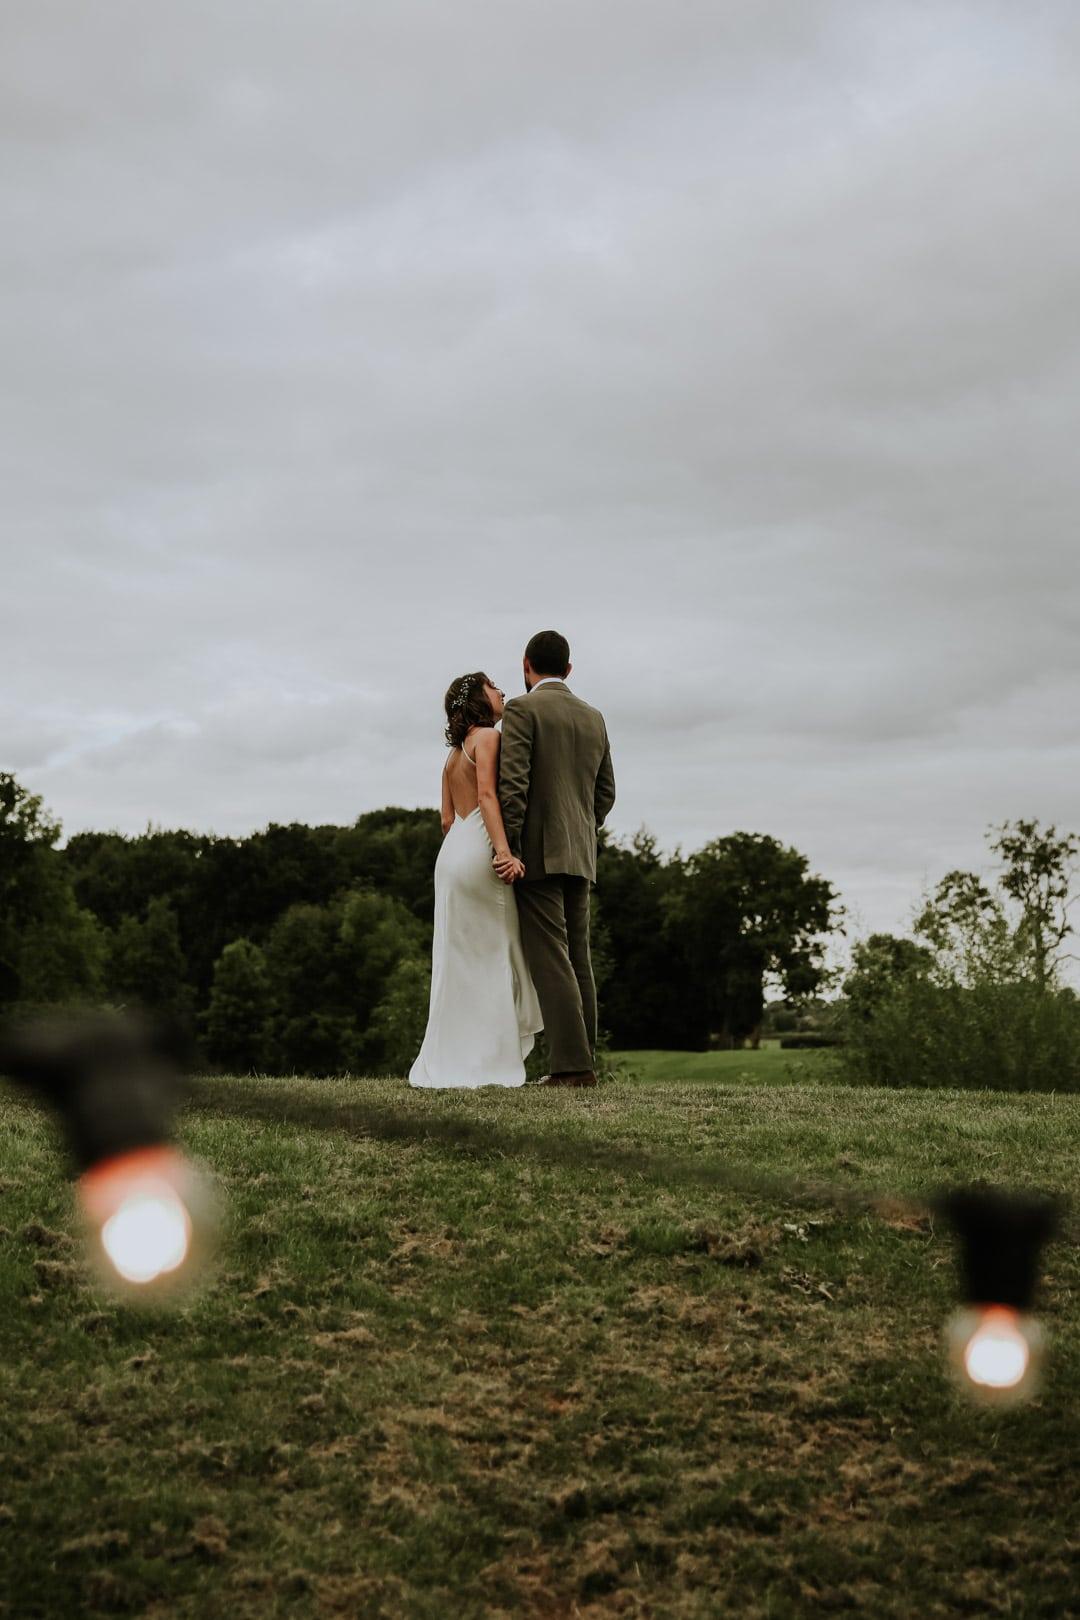 bride-groom-hold-hands-backless-satin-wedding-dress